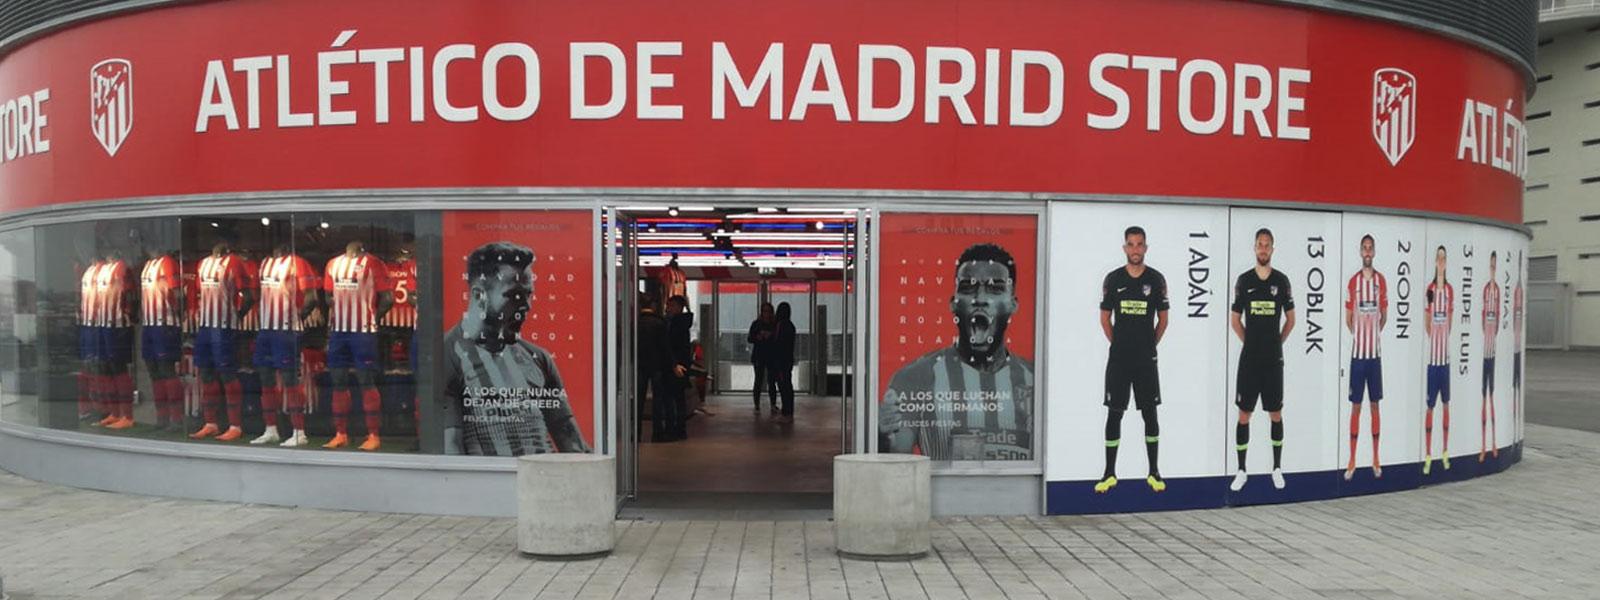 Concrete bollards installed at Atletico de Madrid by Ado